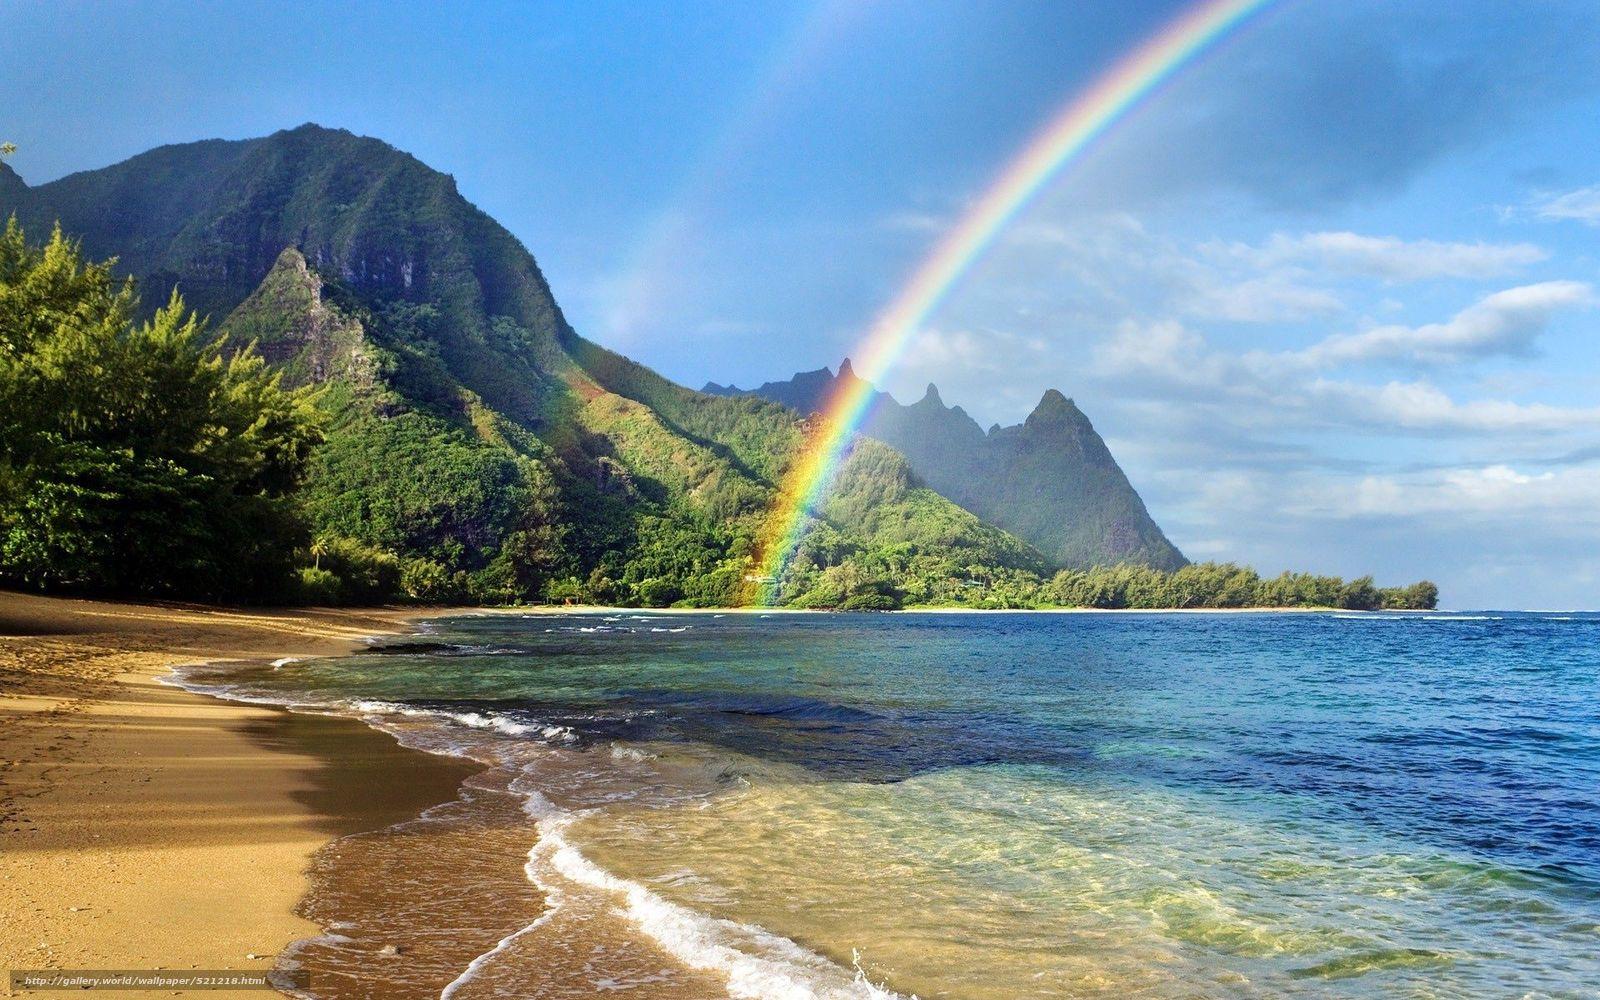 Скачать обои море,  горы,  пляж,  радуга бесплатно для рабочего стола в разрешении 1920x1200 — картинка №521218